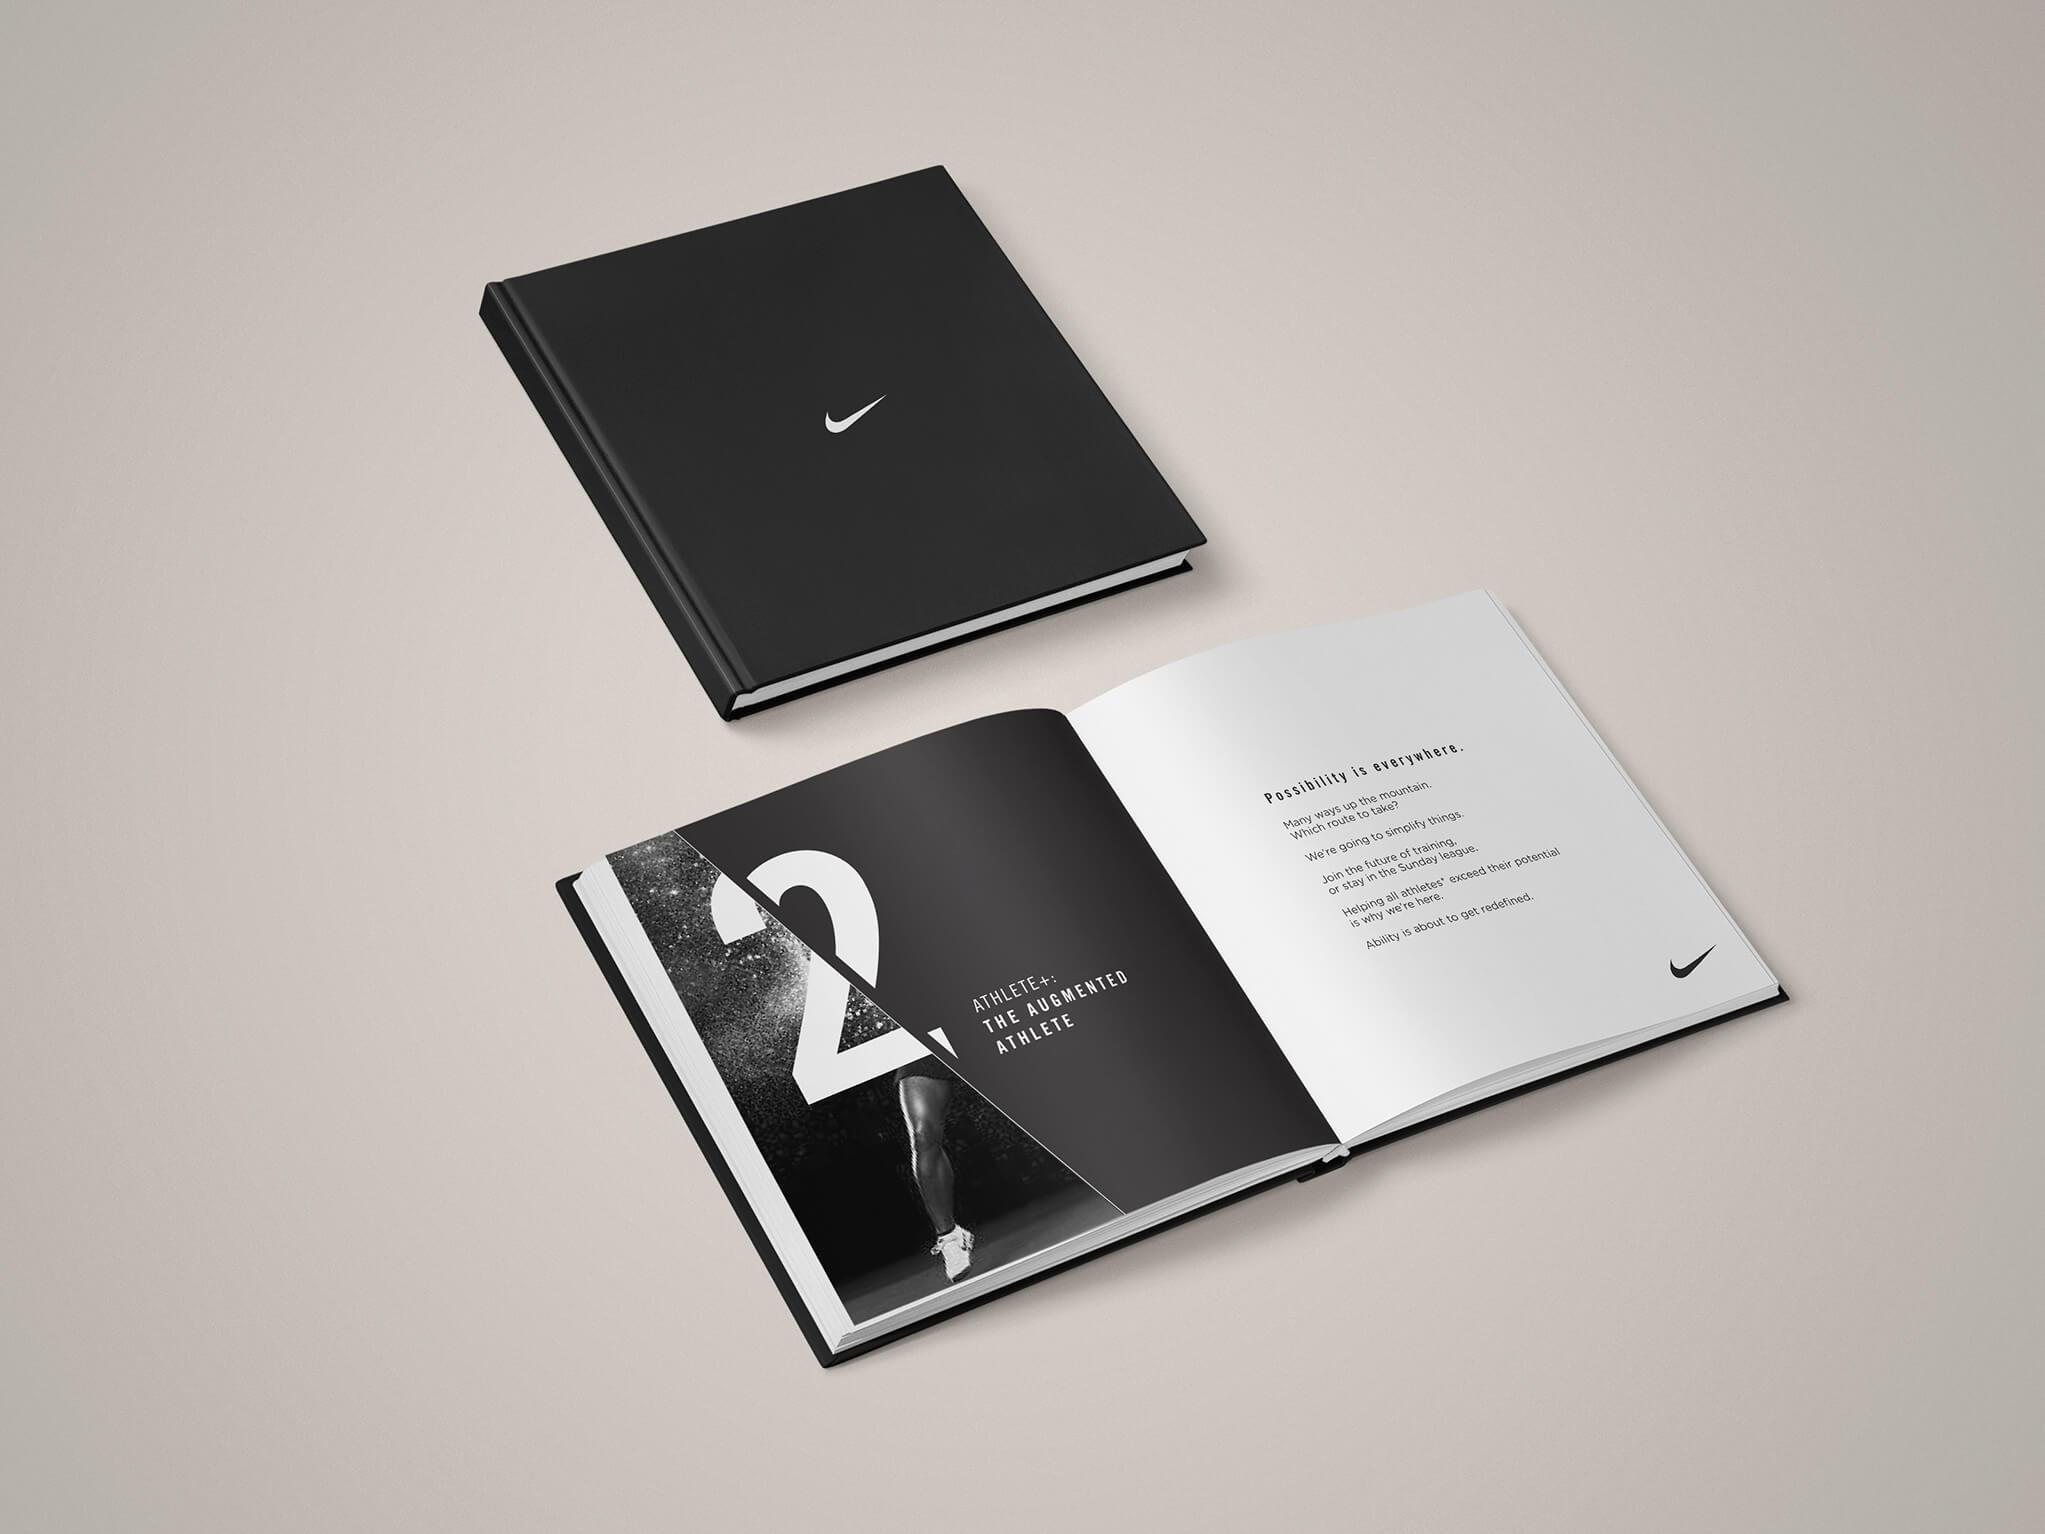 NIKE-BOOK20170507_009